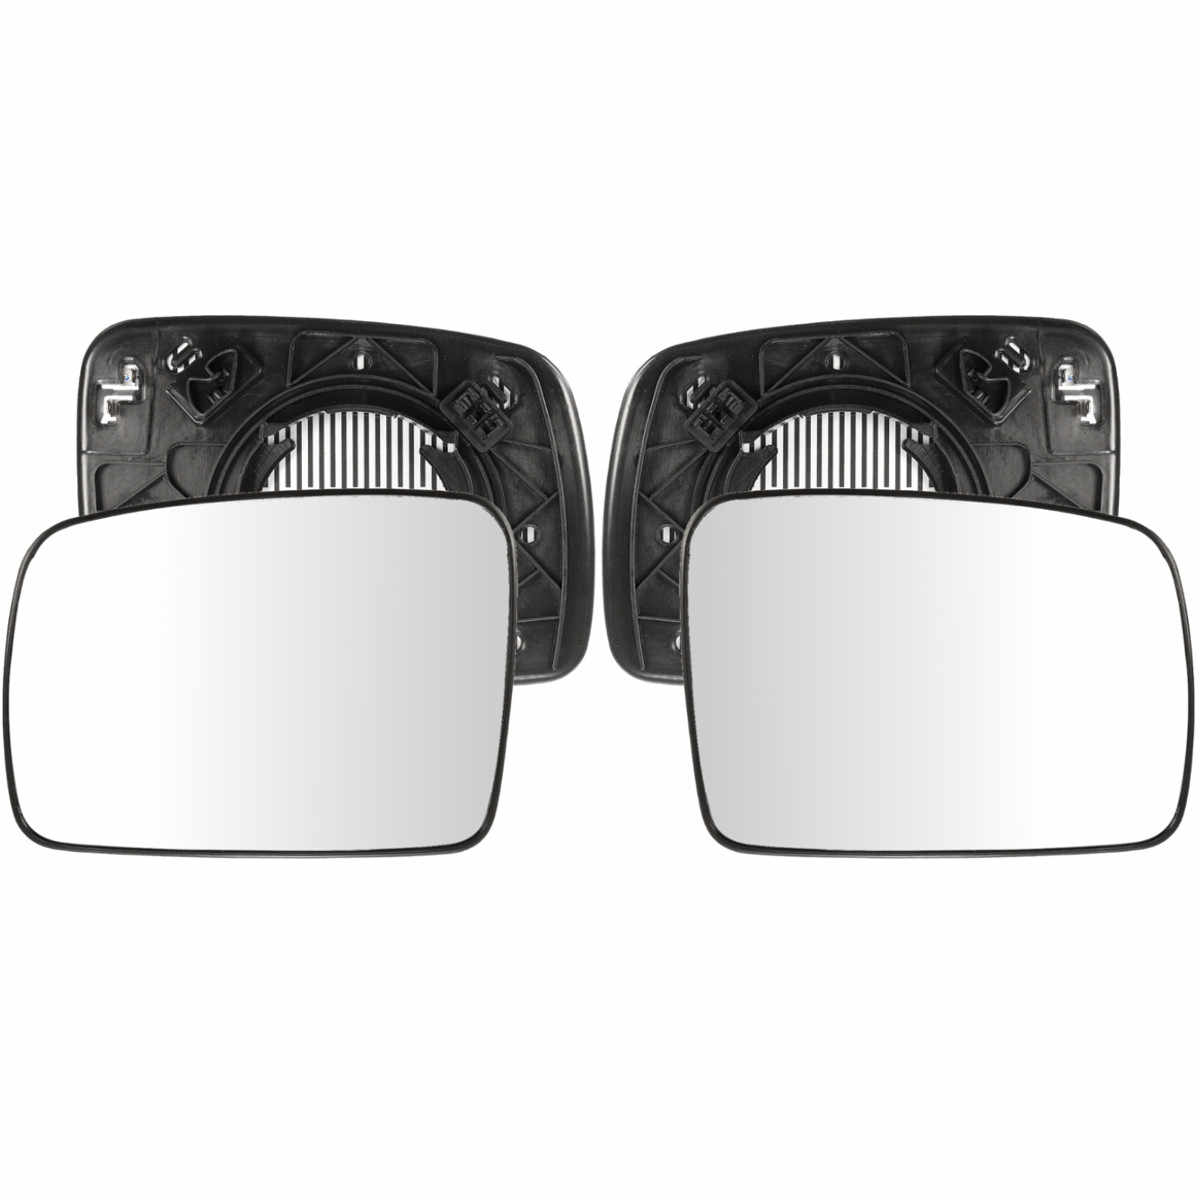 Левое/правое боковое зеркало заднего вида стекло с подогревом боковые наружные зеркала для Land Rover Дискавери Range Rover Vogue freelander 2